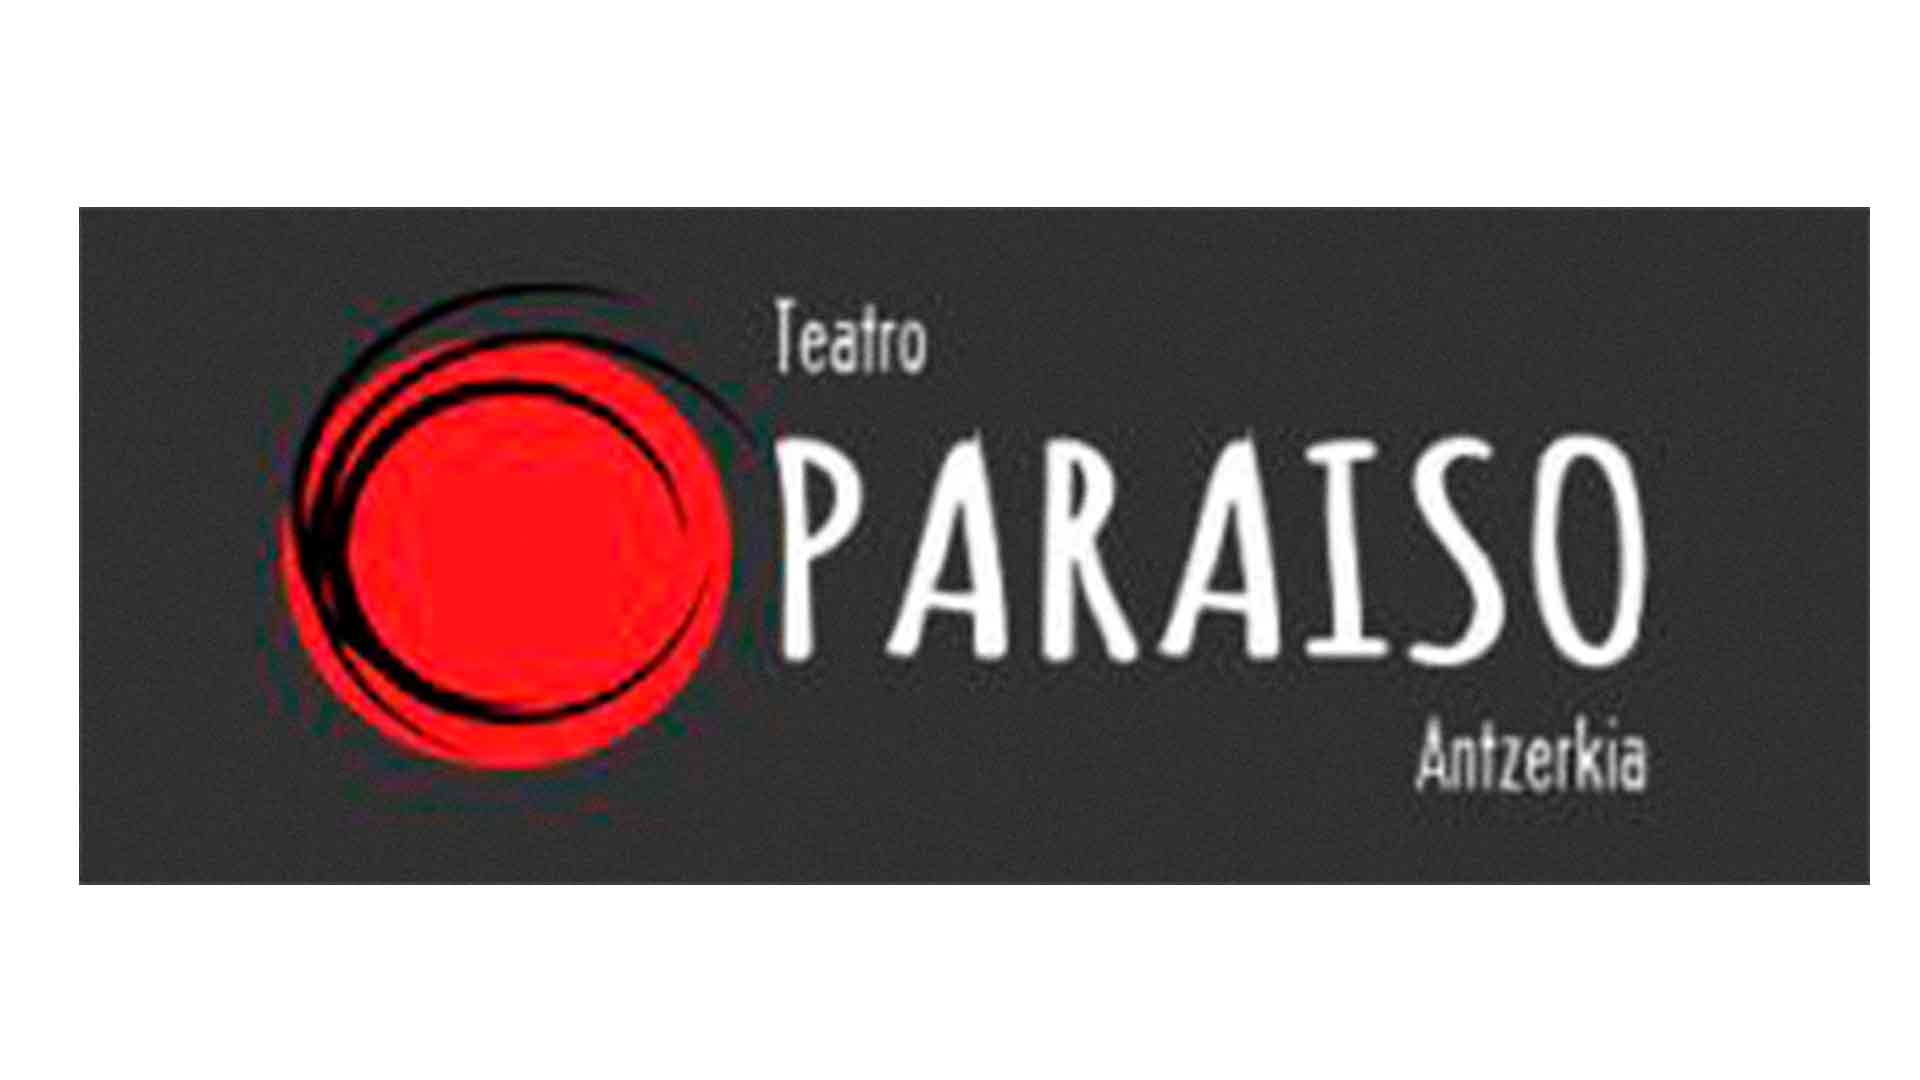 Teatro Paraíso (País Vasco)